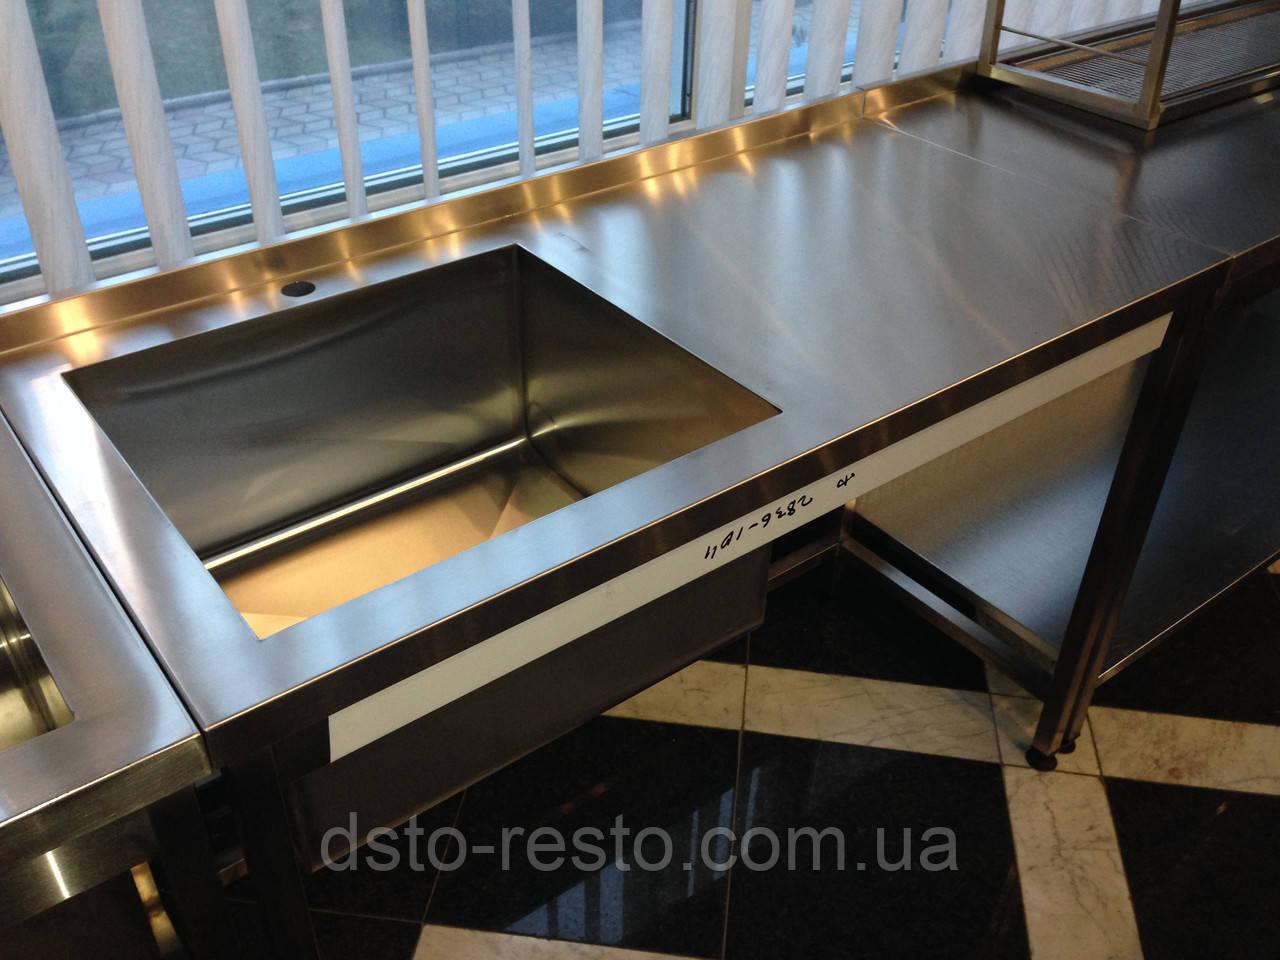 Стол с ванной моечной сварной 1200/700/850 мм